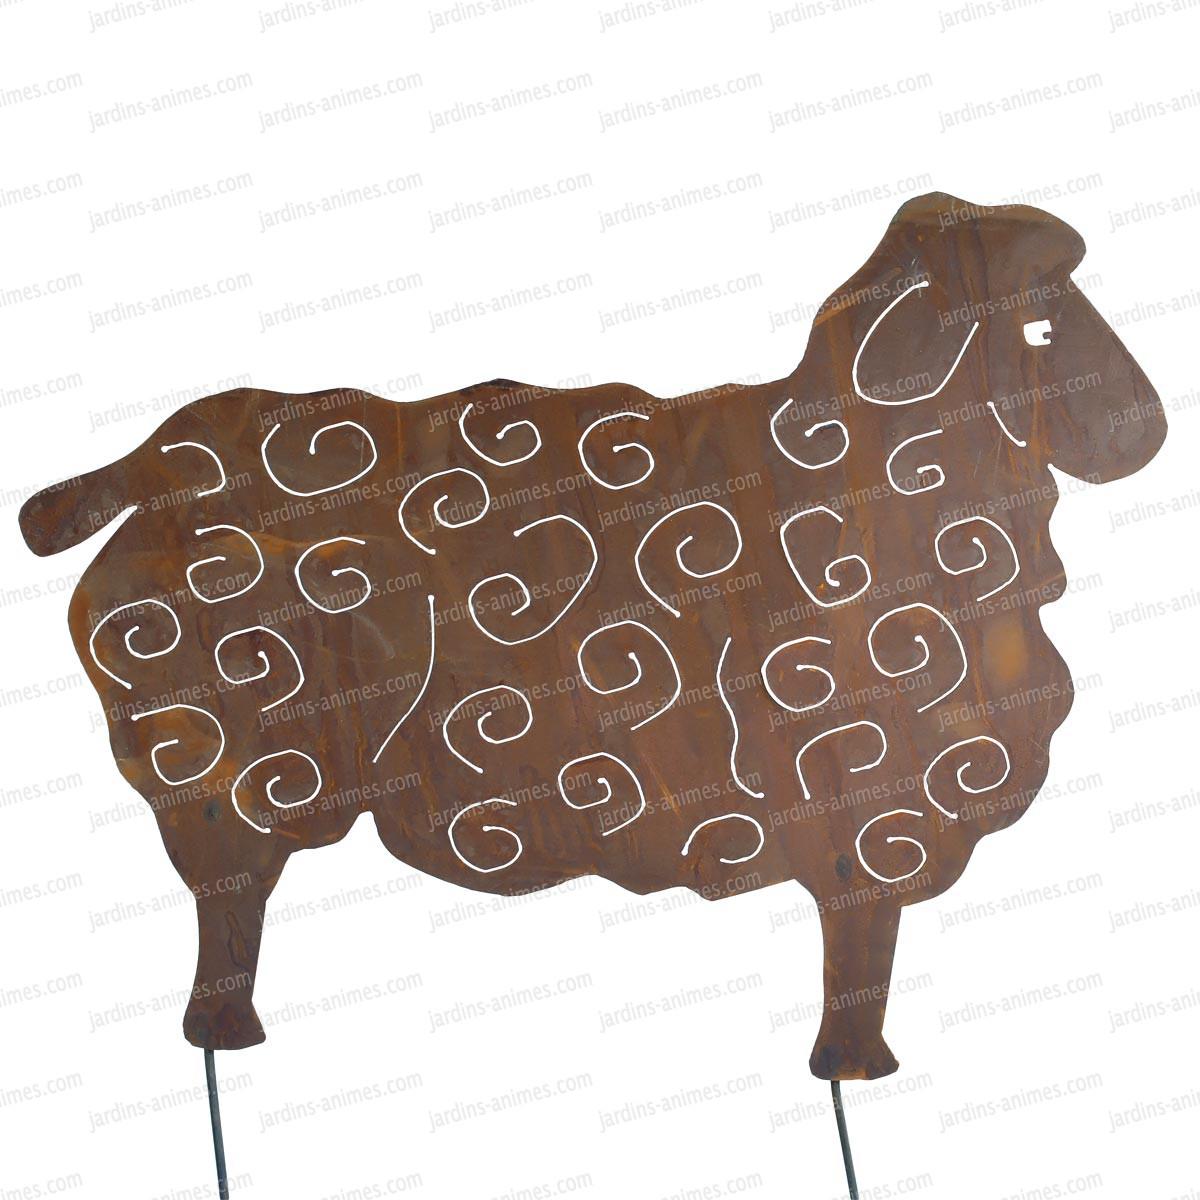 Silhouette mouton petit modele silhouettes d co en m tal - Objets decoratifs pour jardin ...